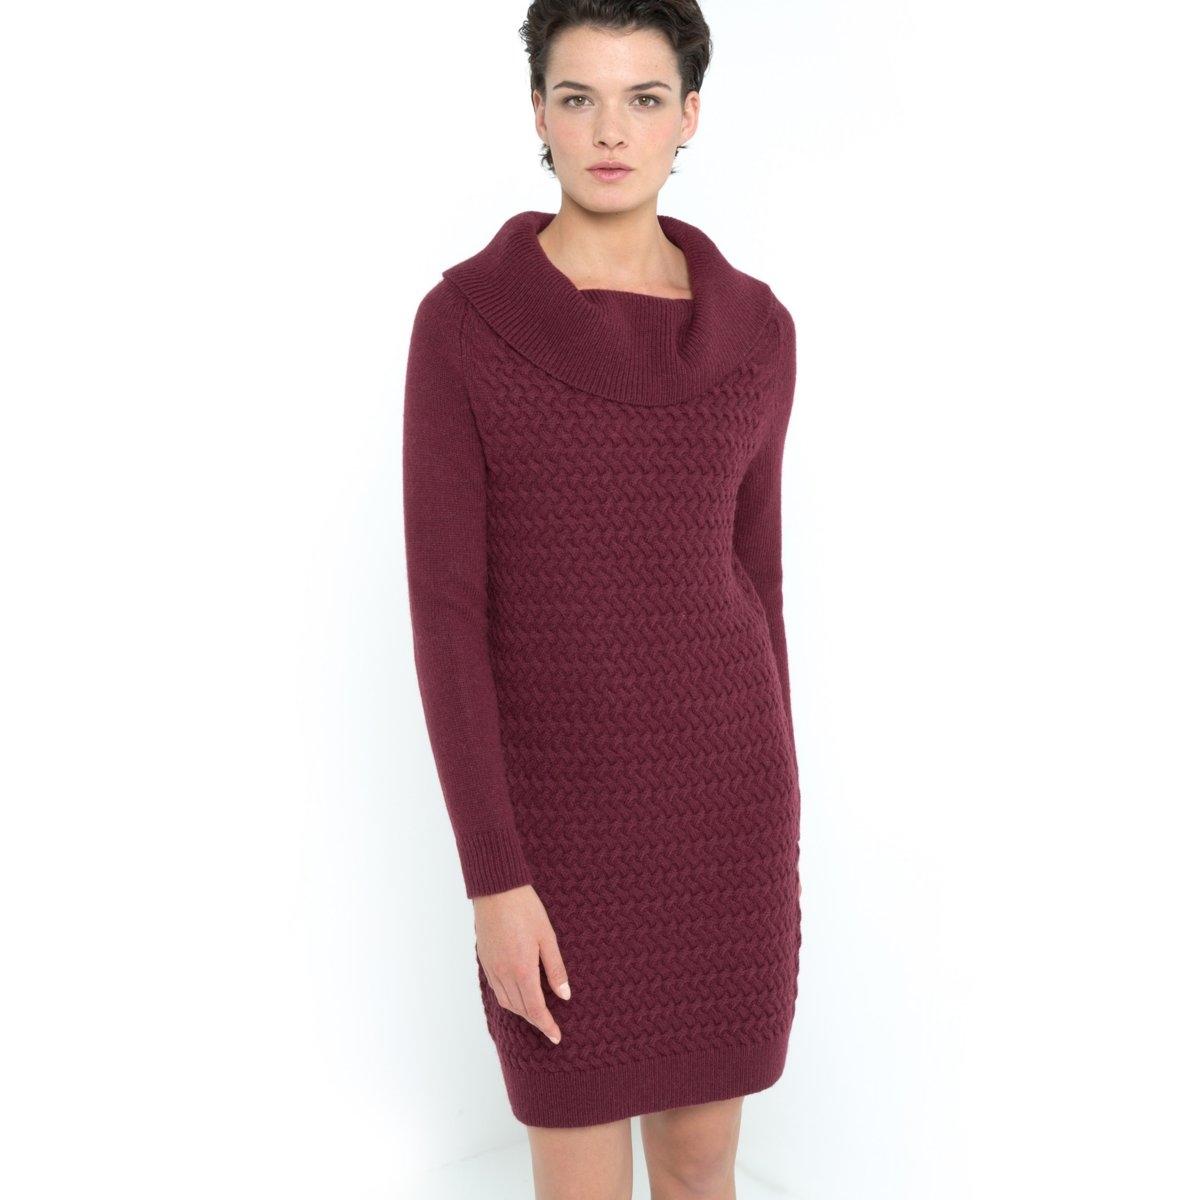 Платье-пуловер с витым узоромПлатье-пуловер с витым узором. Объёмный воротник  в рубчик. Витые узоры спереди. Длинные рукава и спинка из трикотажа джерси,  40% шерсти, 30% альпаки, 30% акрила. Пройма реглан. Отделка рубчиком низа и низа рукавов. Длина 92 см.<br><br>Цвет: красный/ бордовый<br>Размер: 38/40 (FR) - 44/46 (RUS)